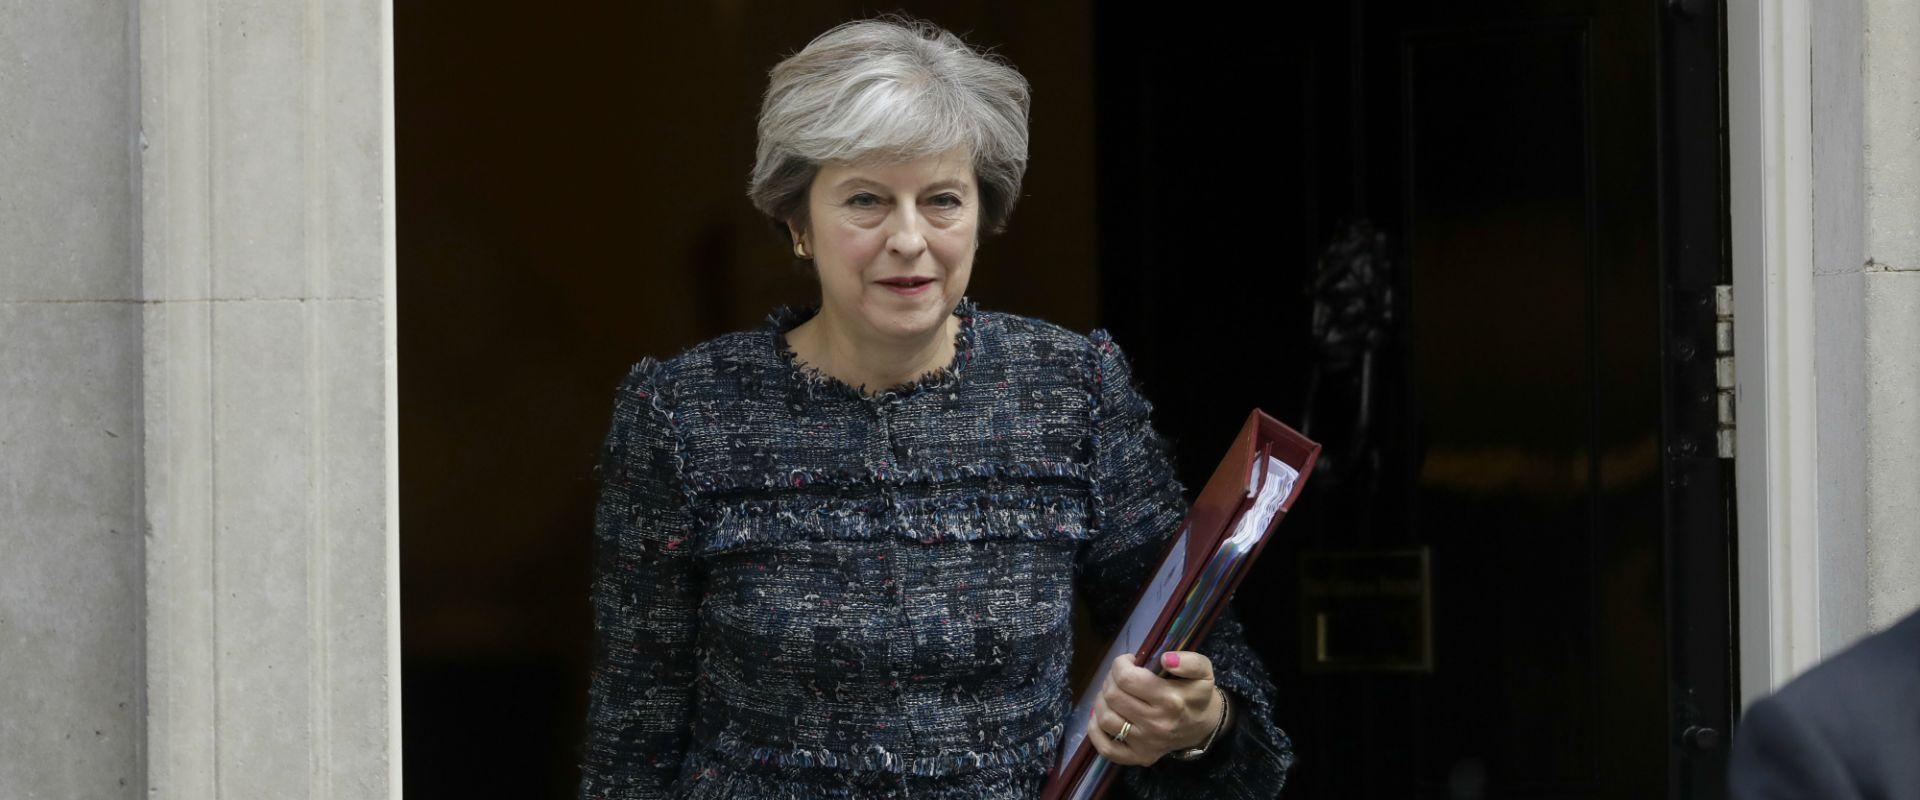 ראש ממשלת בריטניה תרזה מיי